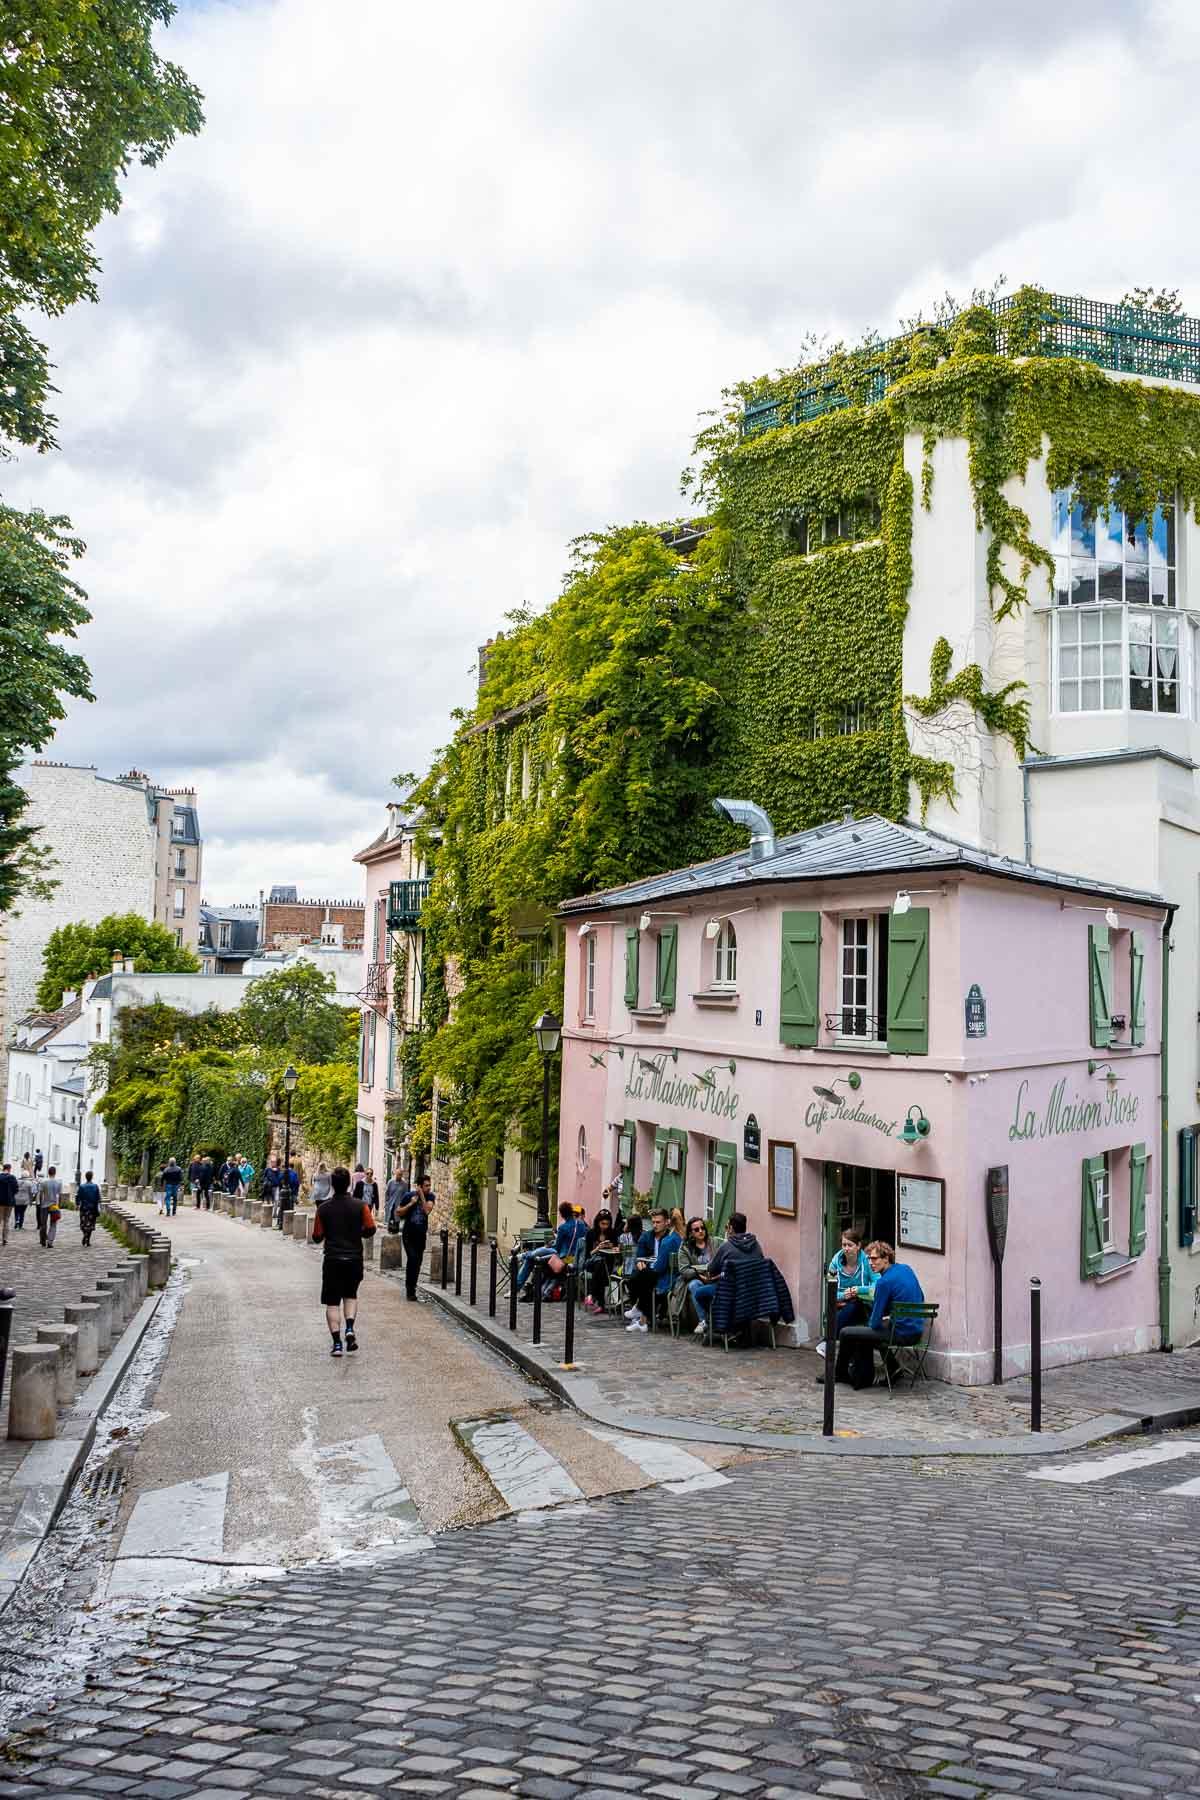 La Maison Rose in Montmartre, Paris